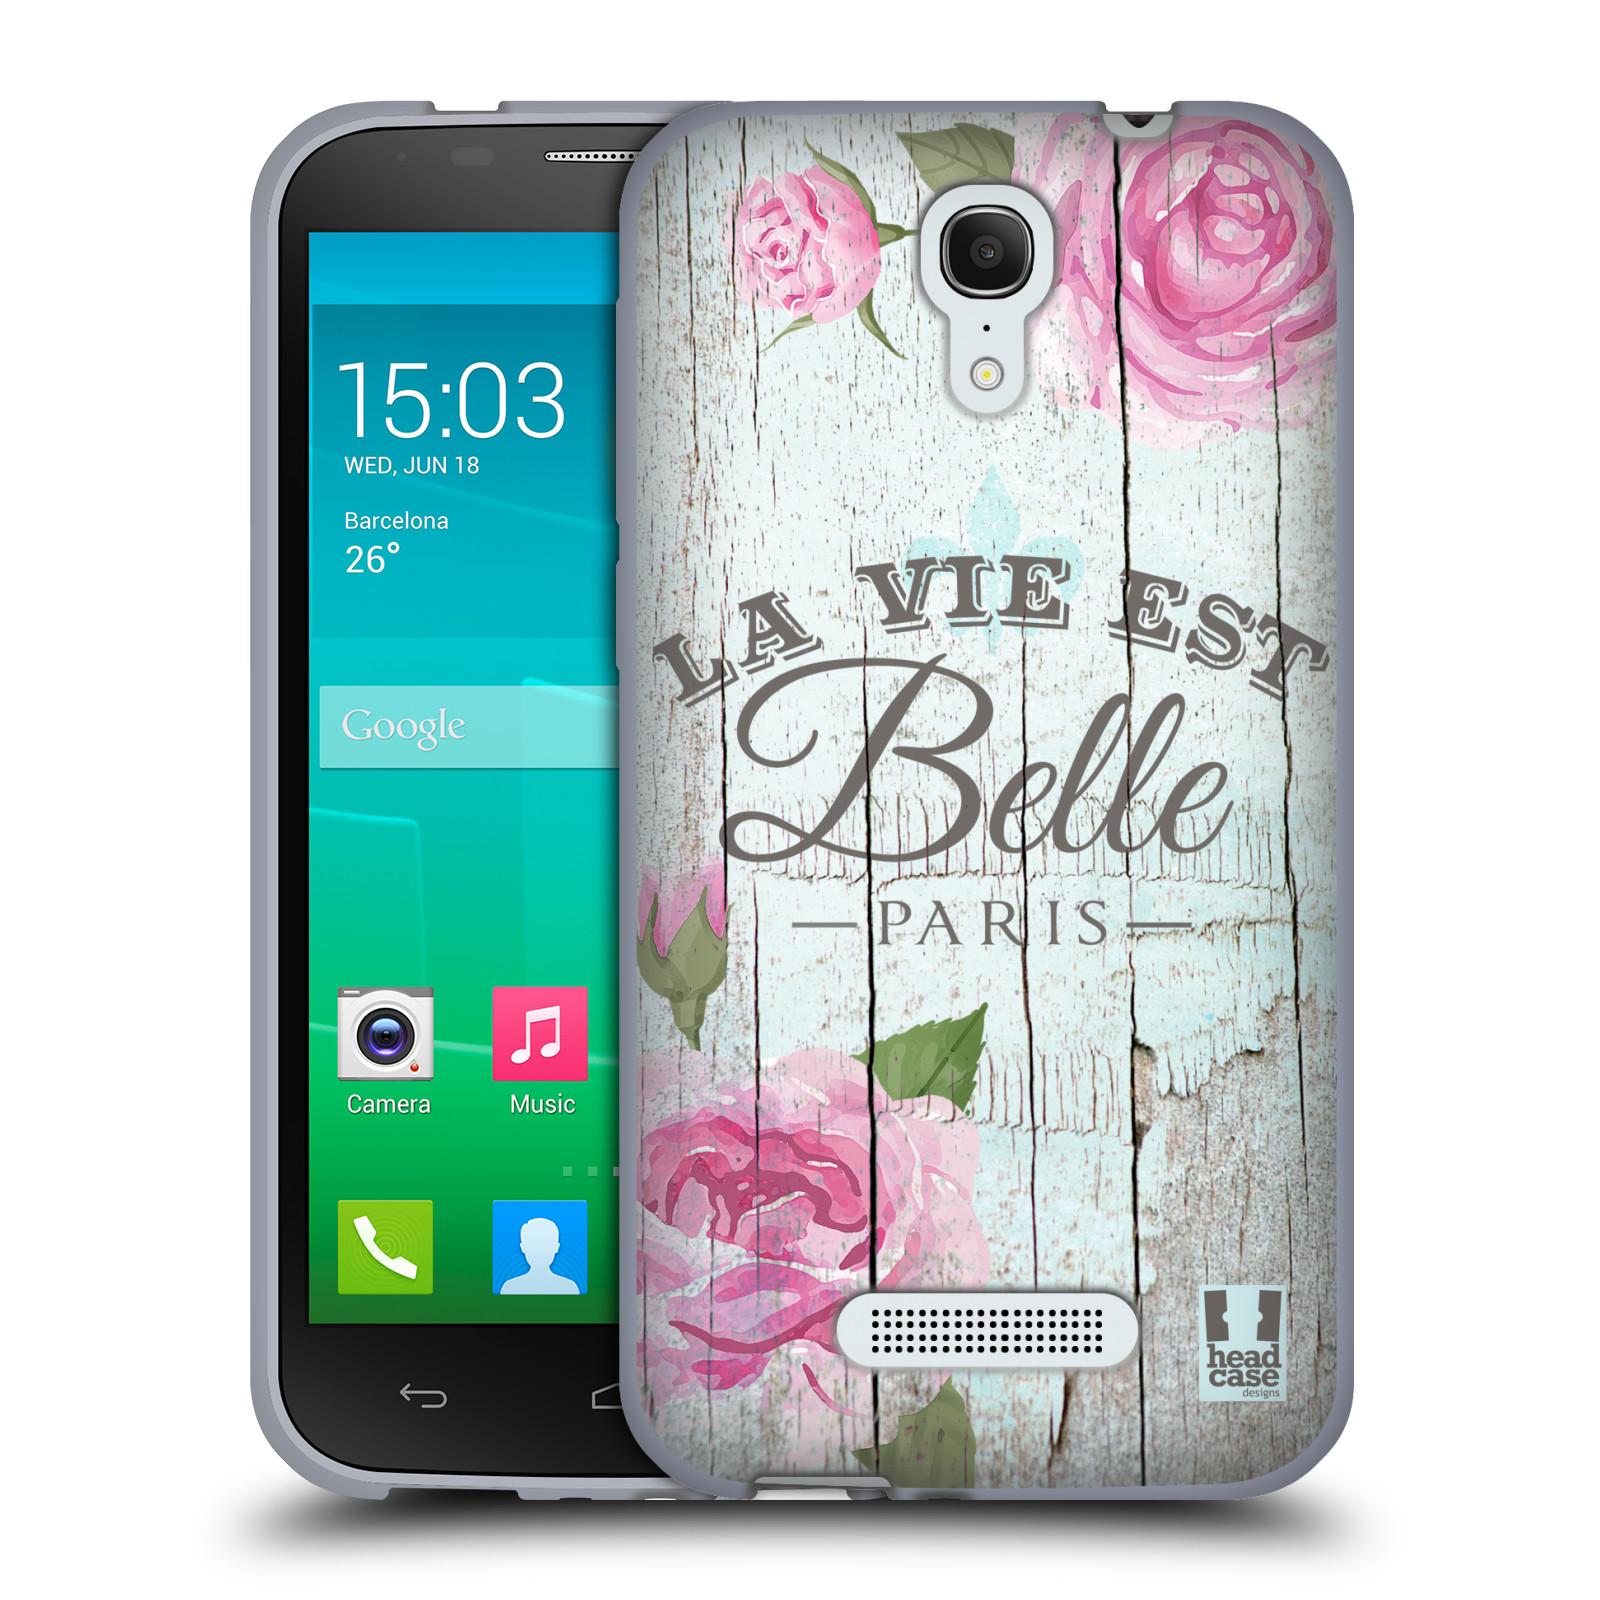 HEAD CASE silikonový obal na mobil Alcatel POP S7 vzor Barevný venkov, vintage RŮŽE, ŘŮŽOVÁ